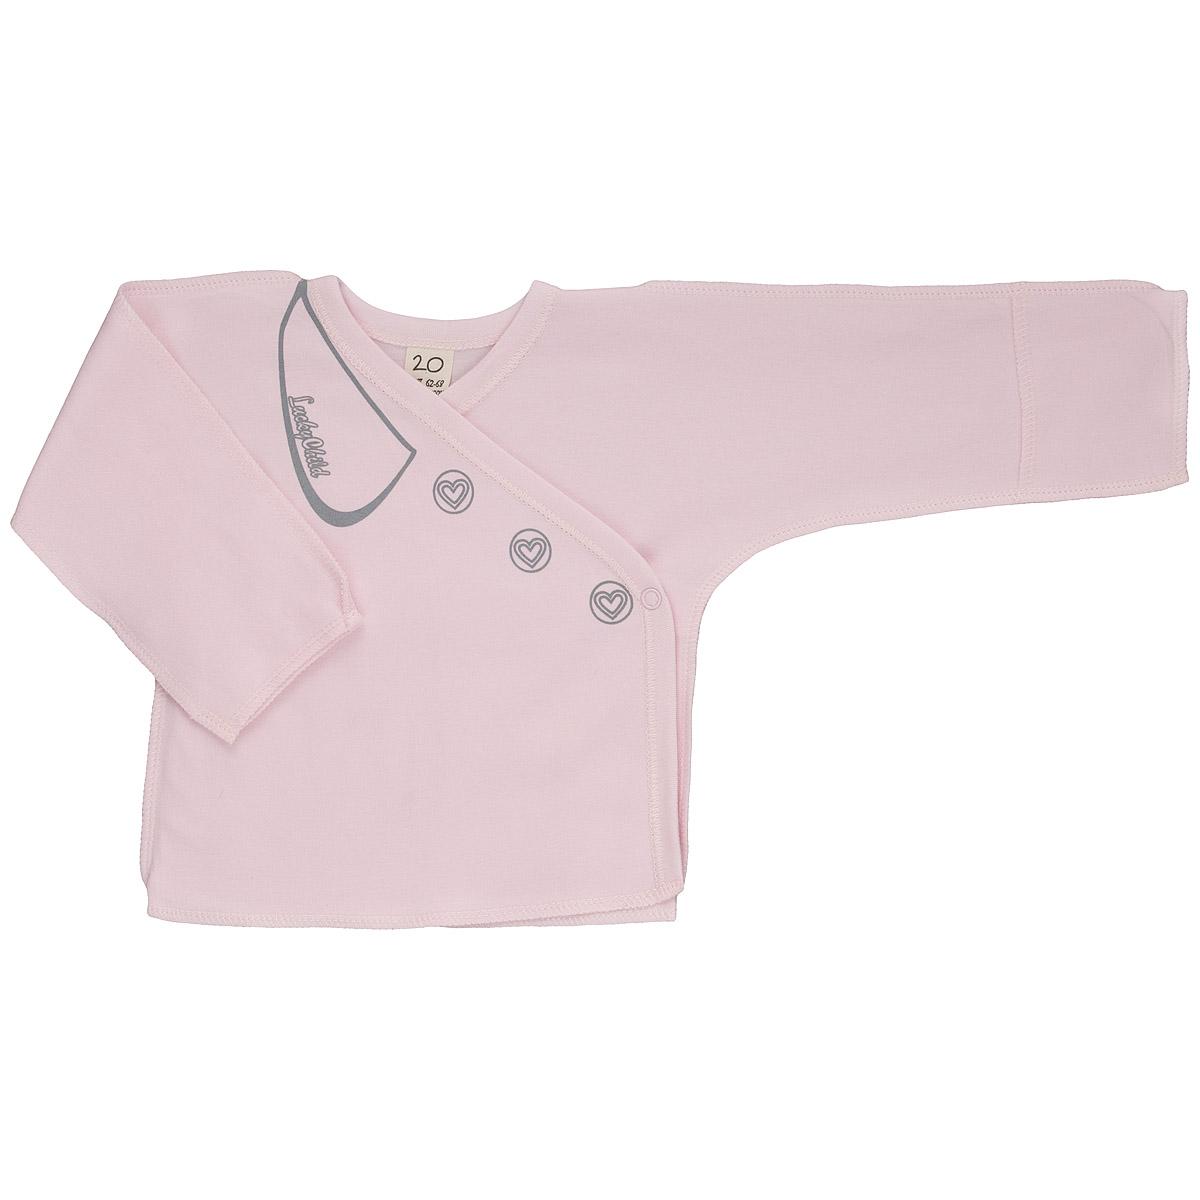 Распашонка для девочки Lucky Child, цвет: розовый. 2-7. Размер 62/68